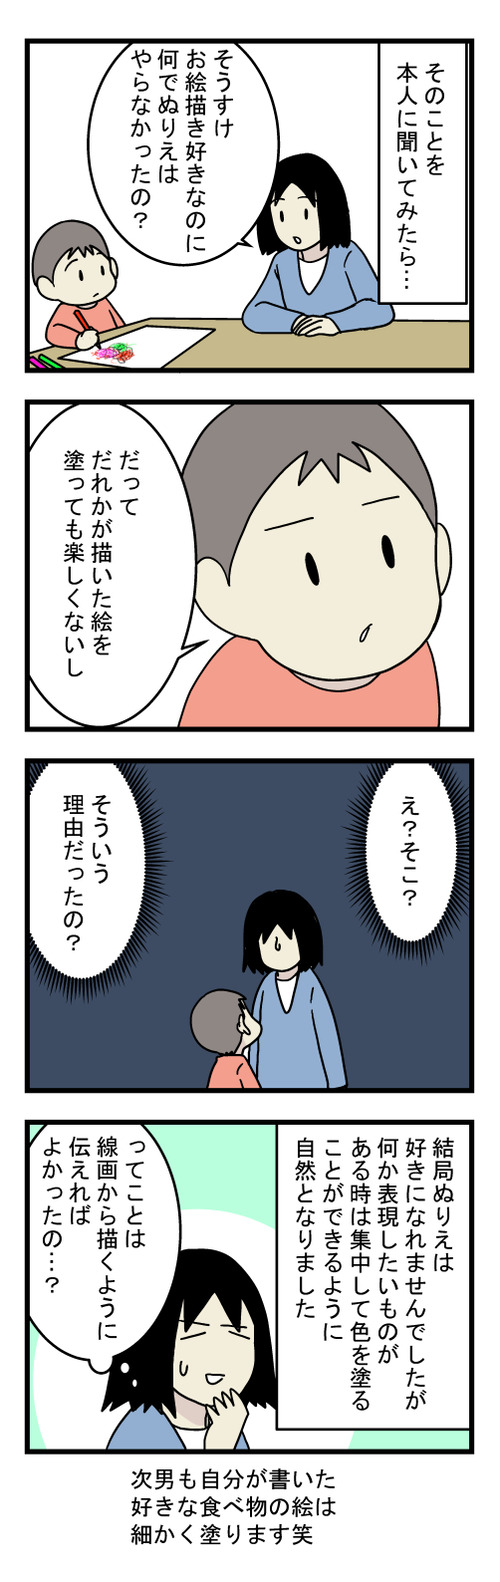 ぬりえ最後2